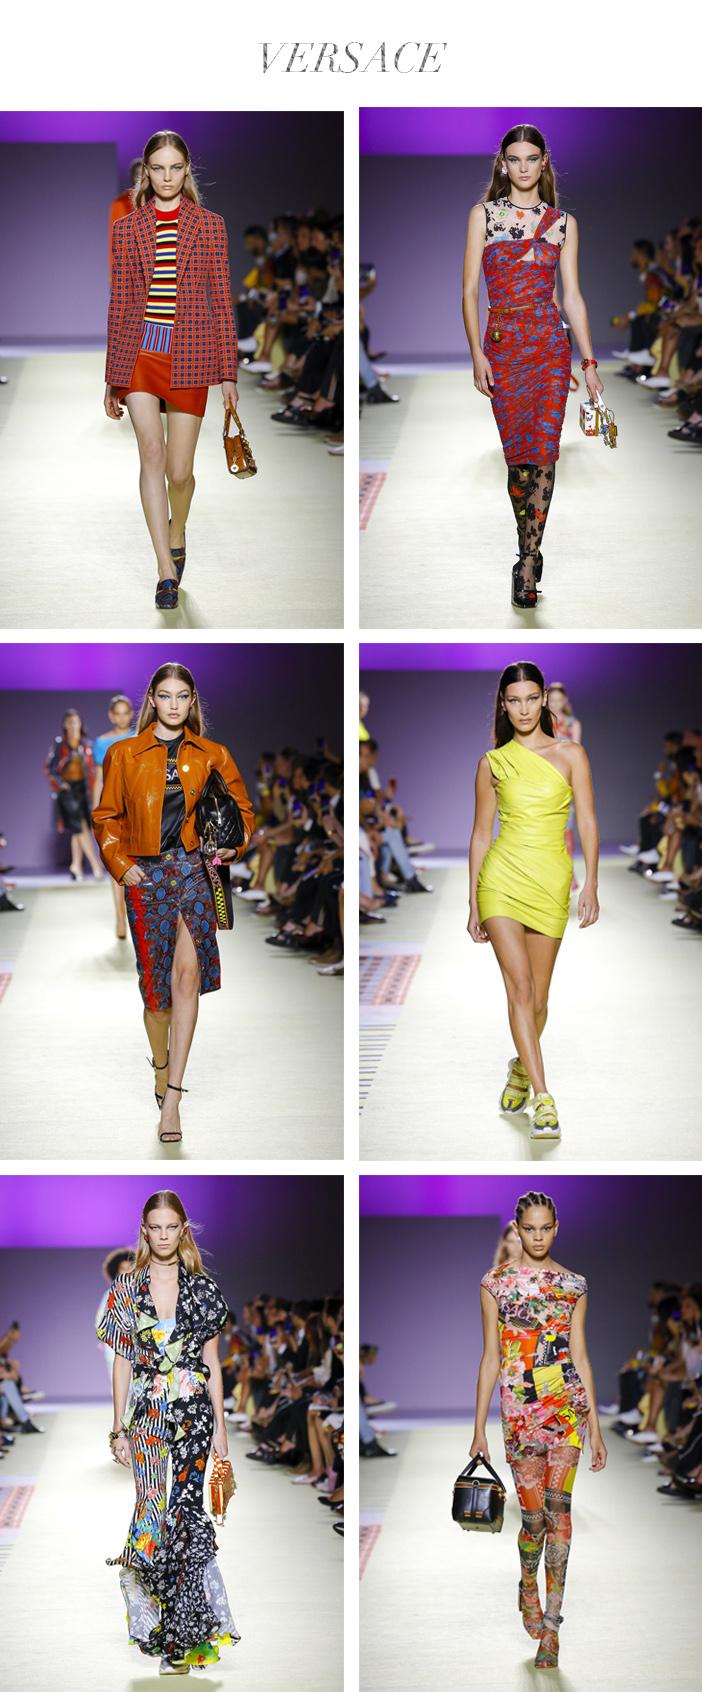 Semana de Moda de Milão - Verão 2019 - Versace